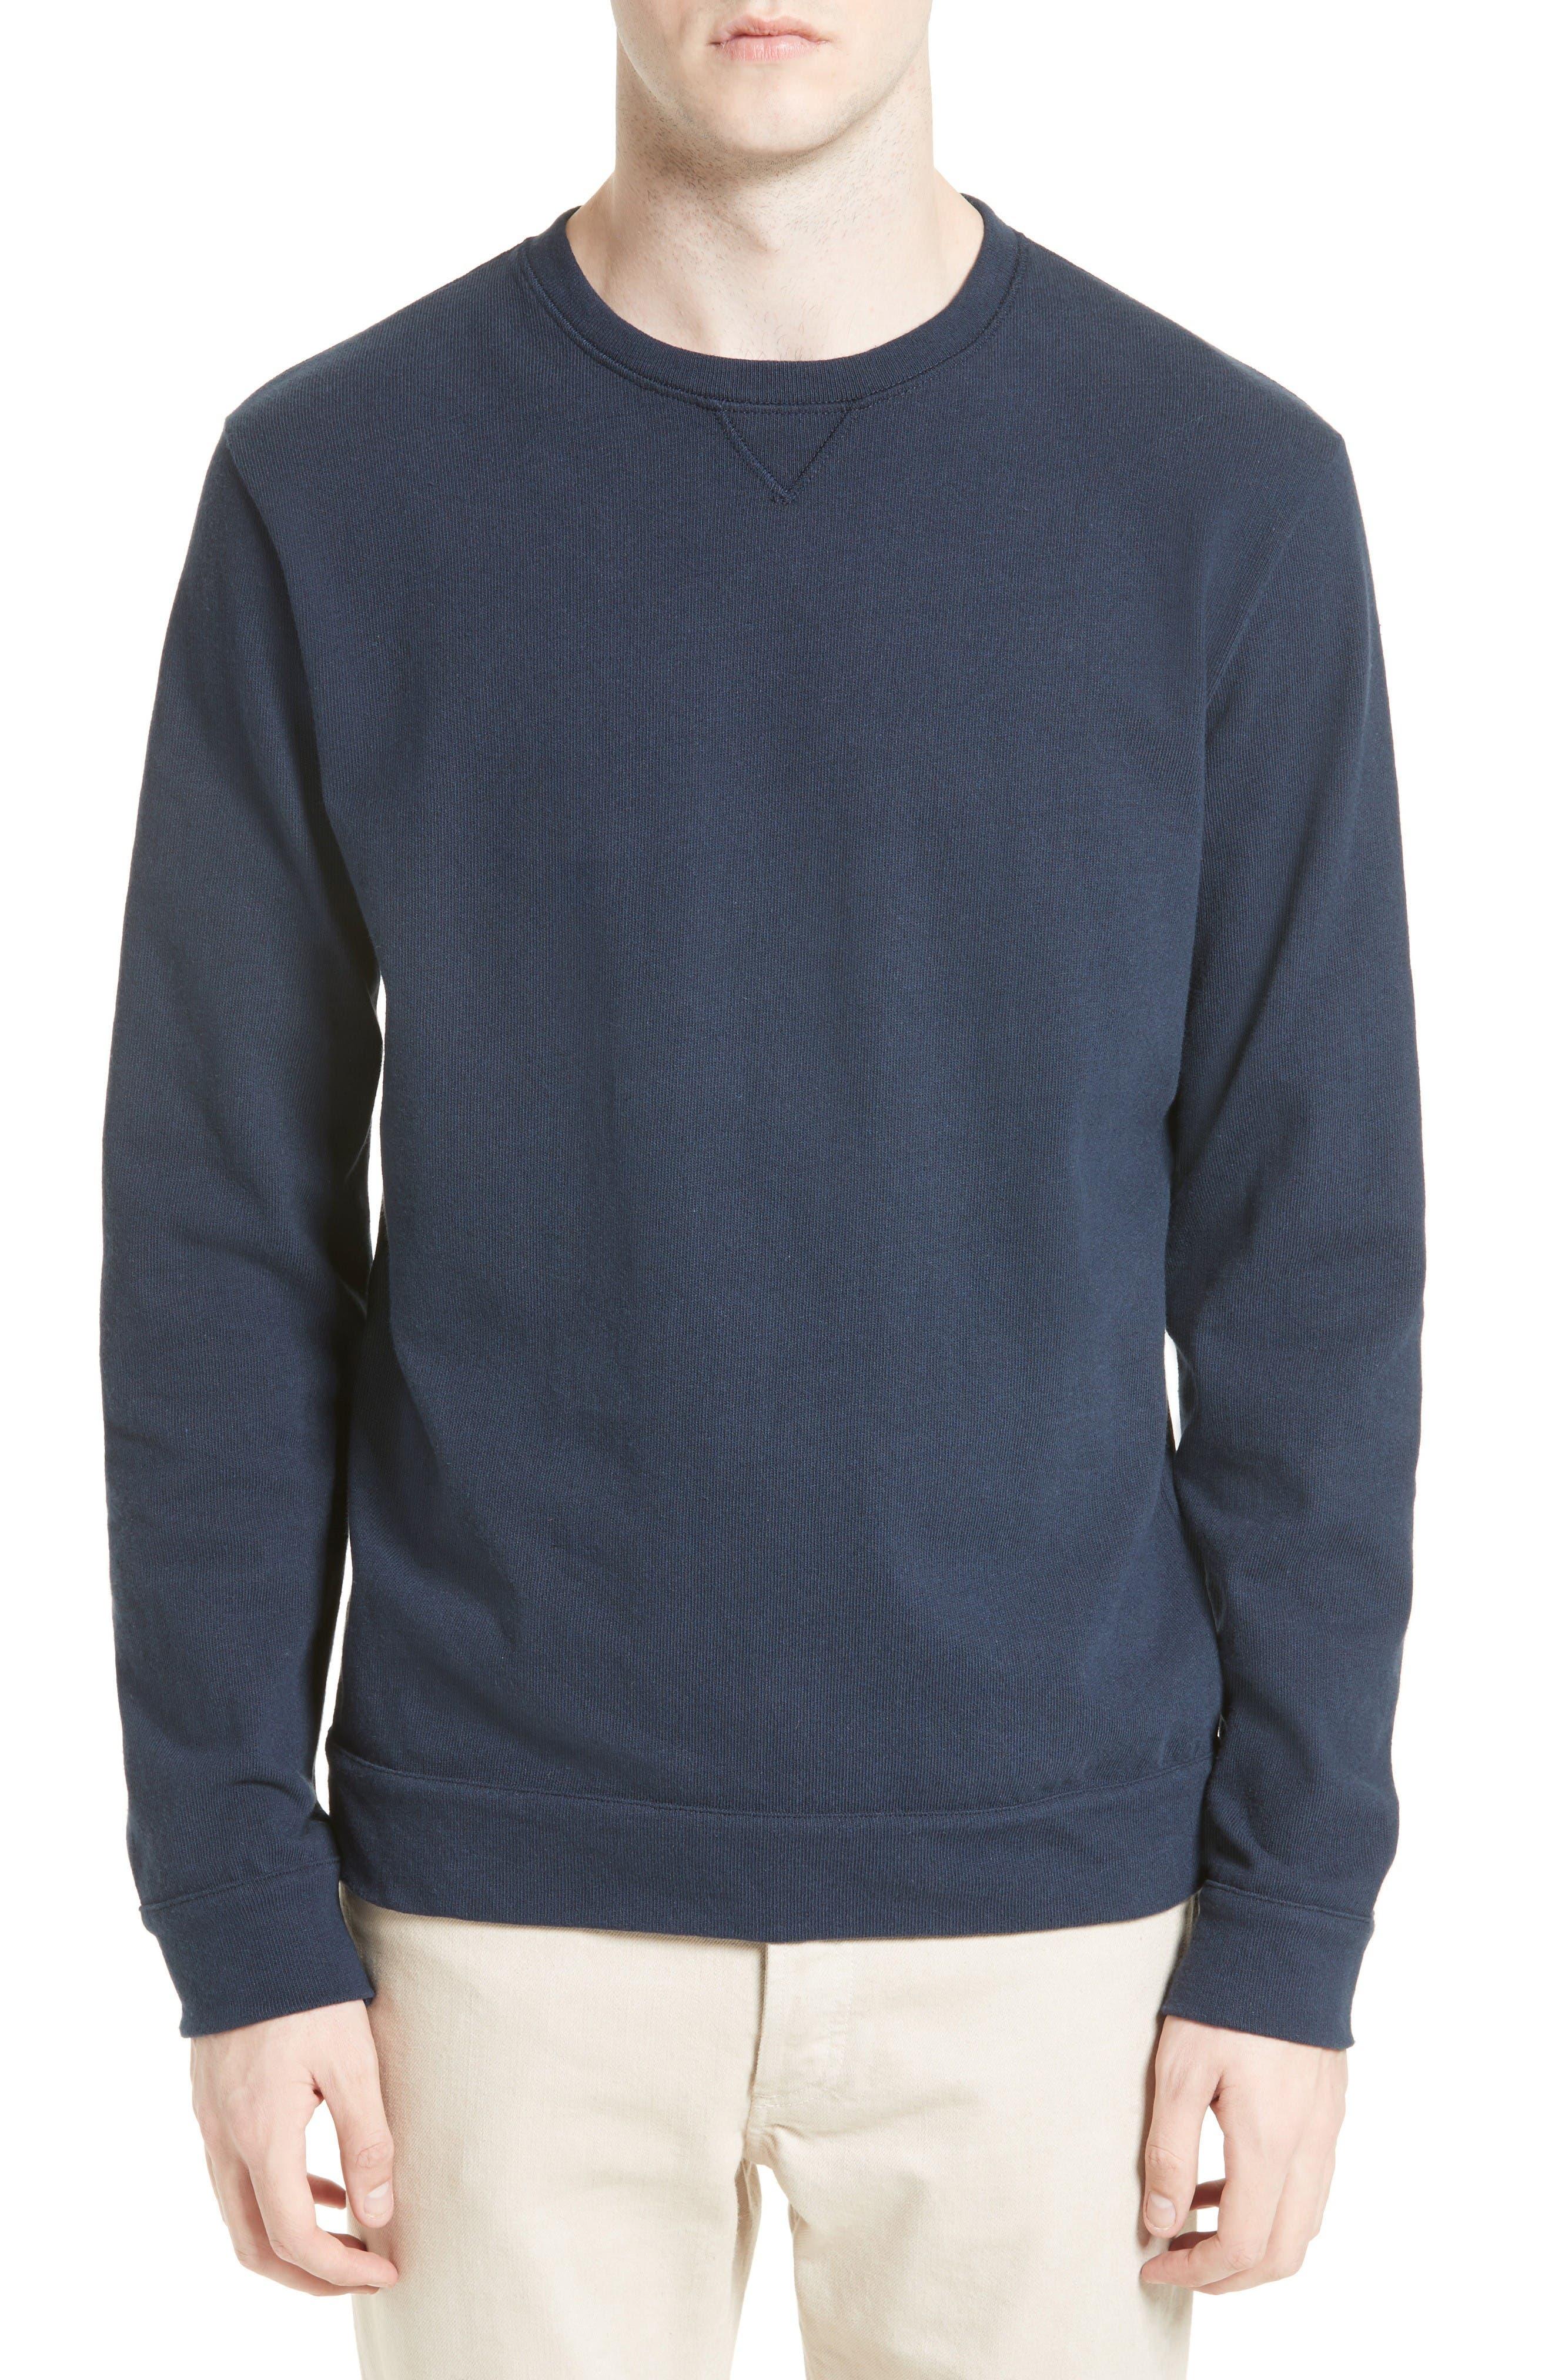 Hike Sweatshirt,                             Main thumbnail 1, color,                             Blue